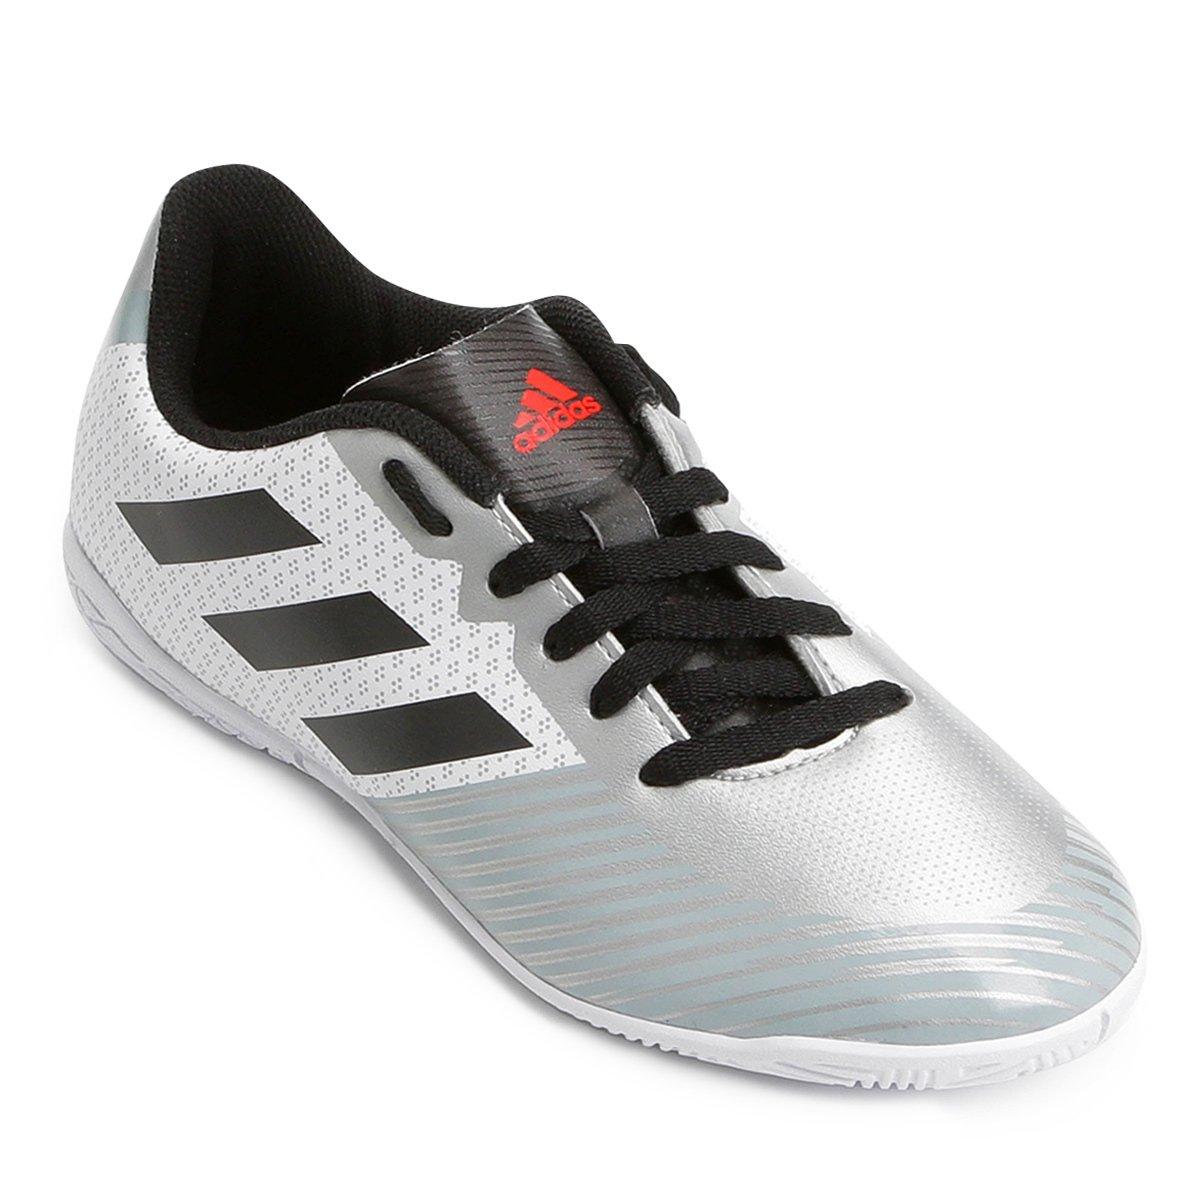 acc5317ef9cbb Chuteira Futsal Infantil Adidas Artilheira 18 In Compre Agora